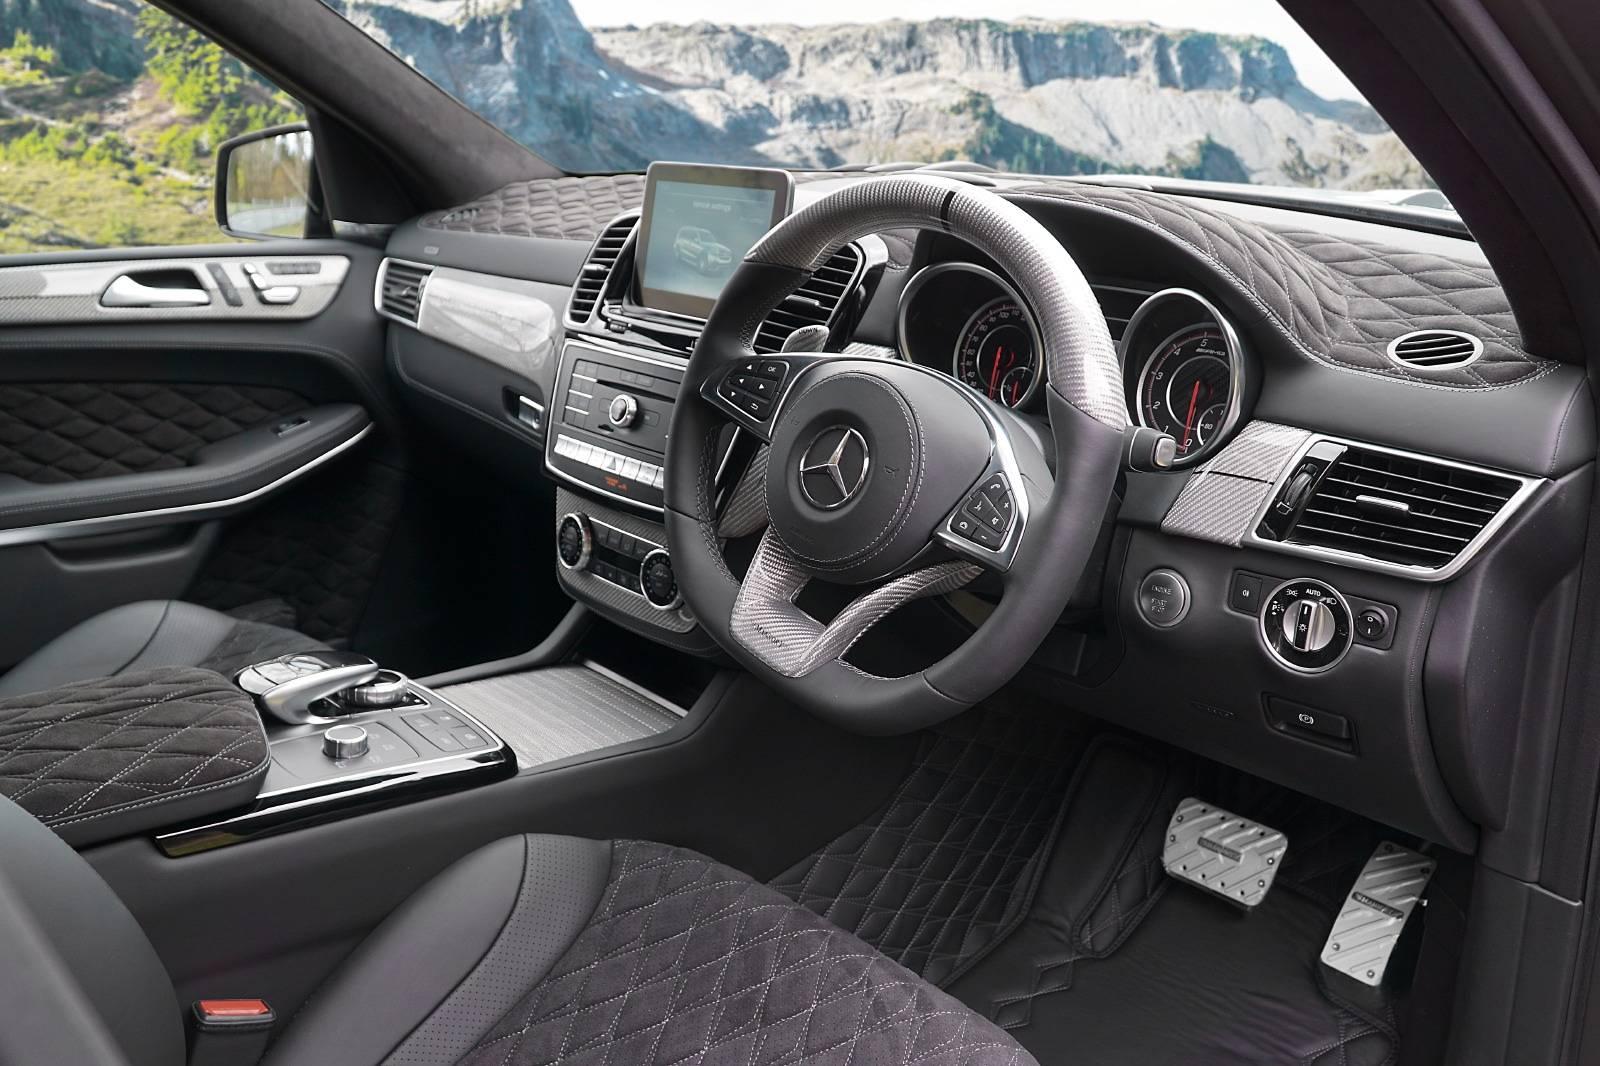 До сих пор GLS 63 был одним из немногих вариантов Benz, у которых пока нет комплекта от баварского тюнера.